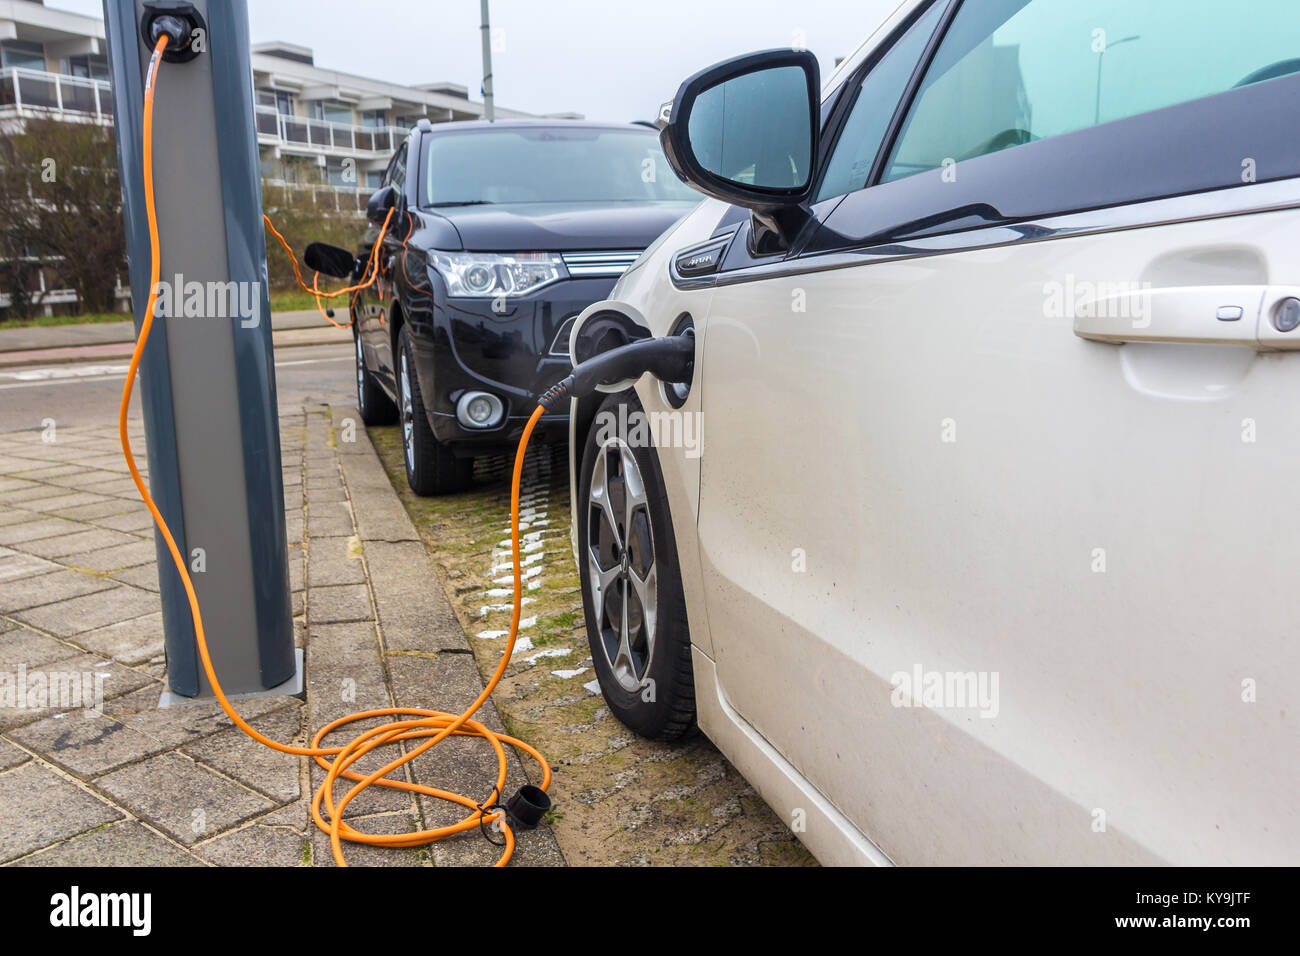 Kijkduin, l'Aia, Paesi Bassi - 13 Gennaio 2017: hybrid auto elettriche ricarica con spina elettrica nella stazione Immagini Stock